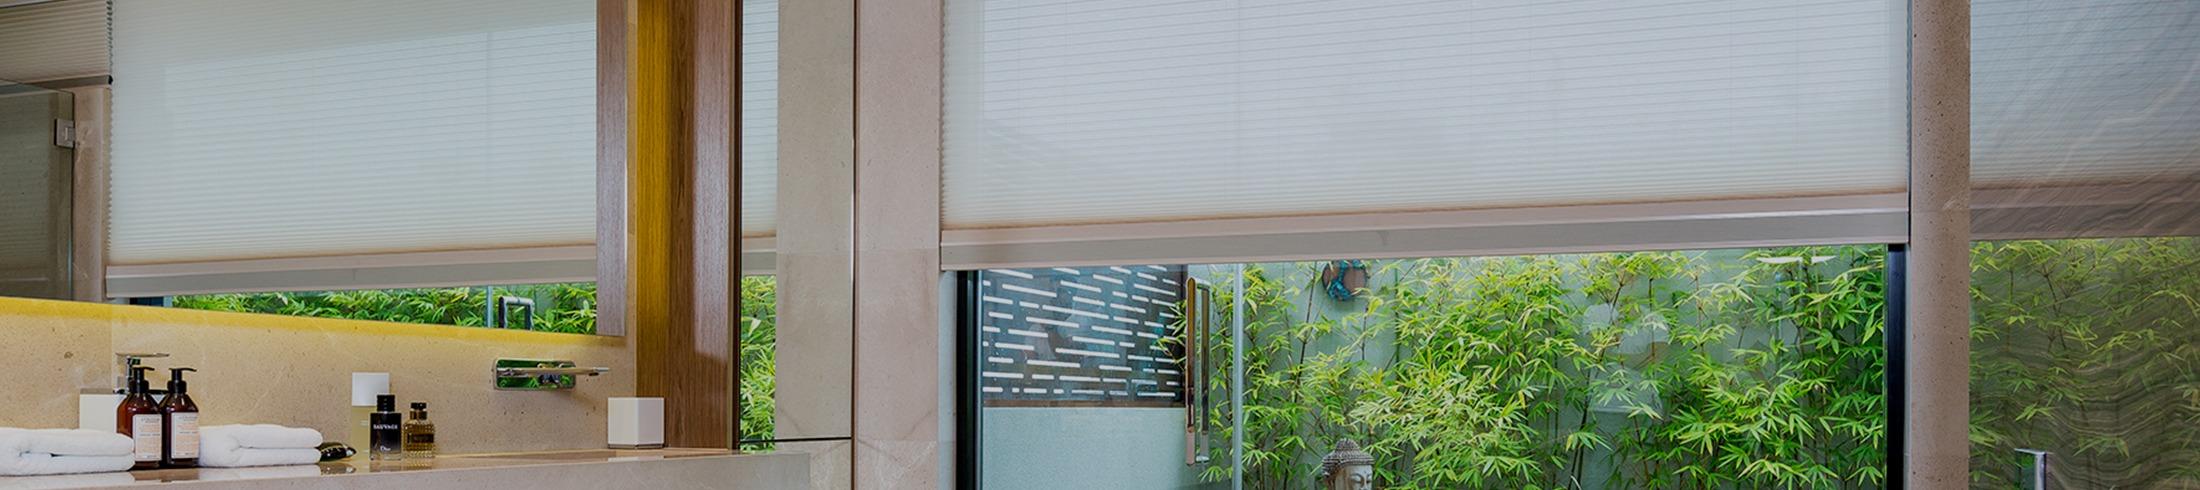 indoor cellular blinds 01